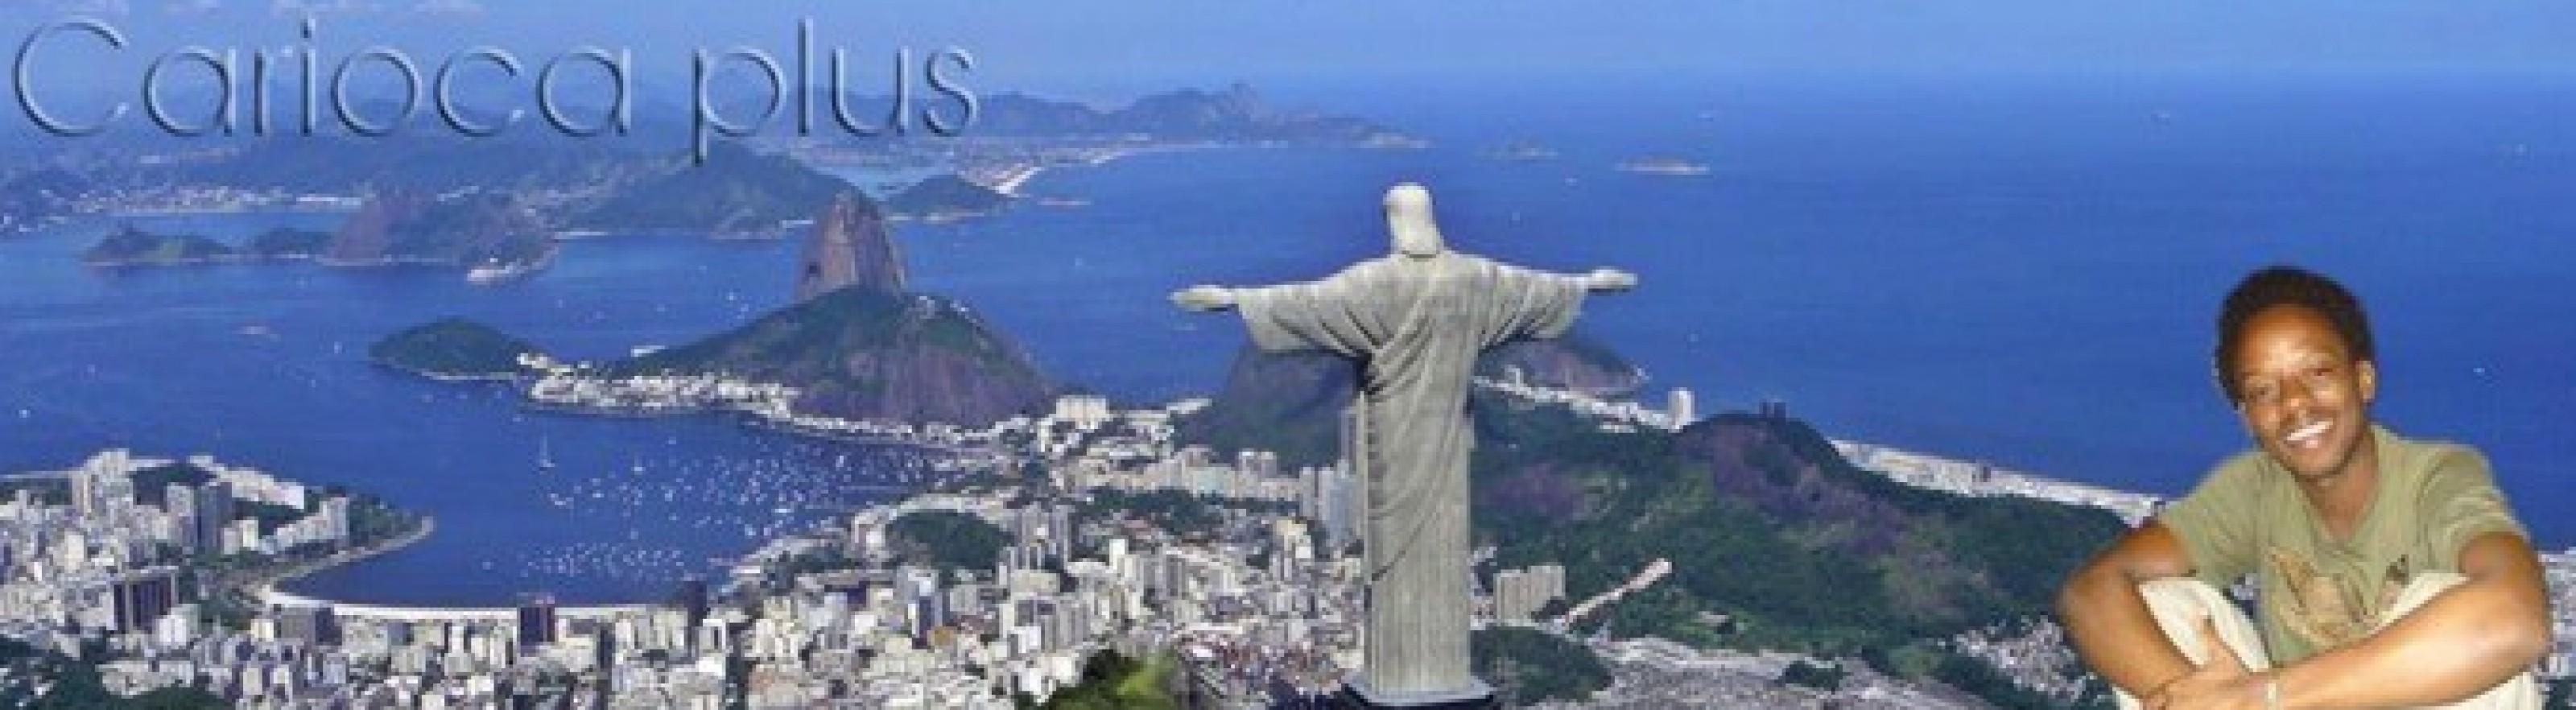 Carioca Plus